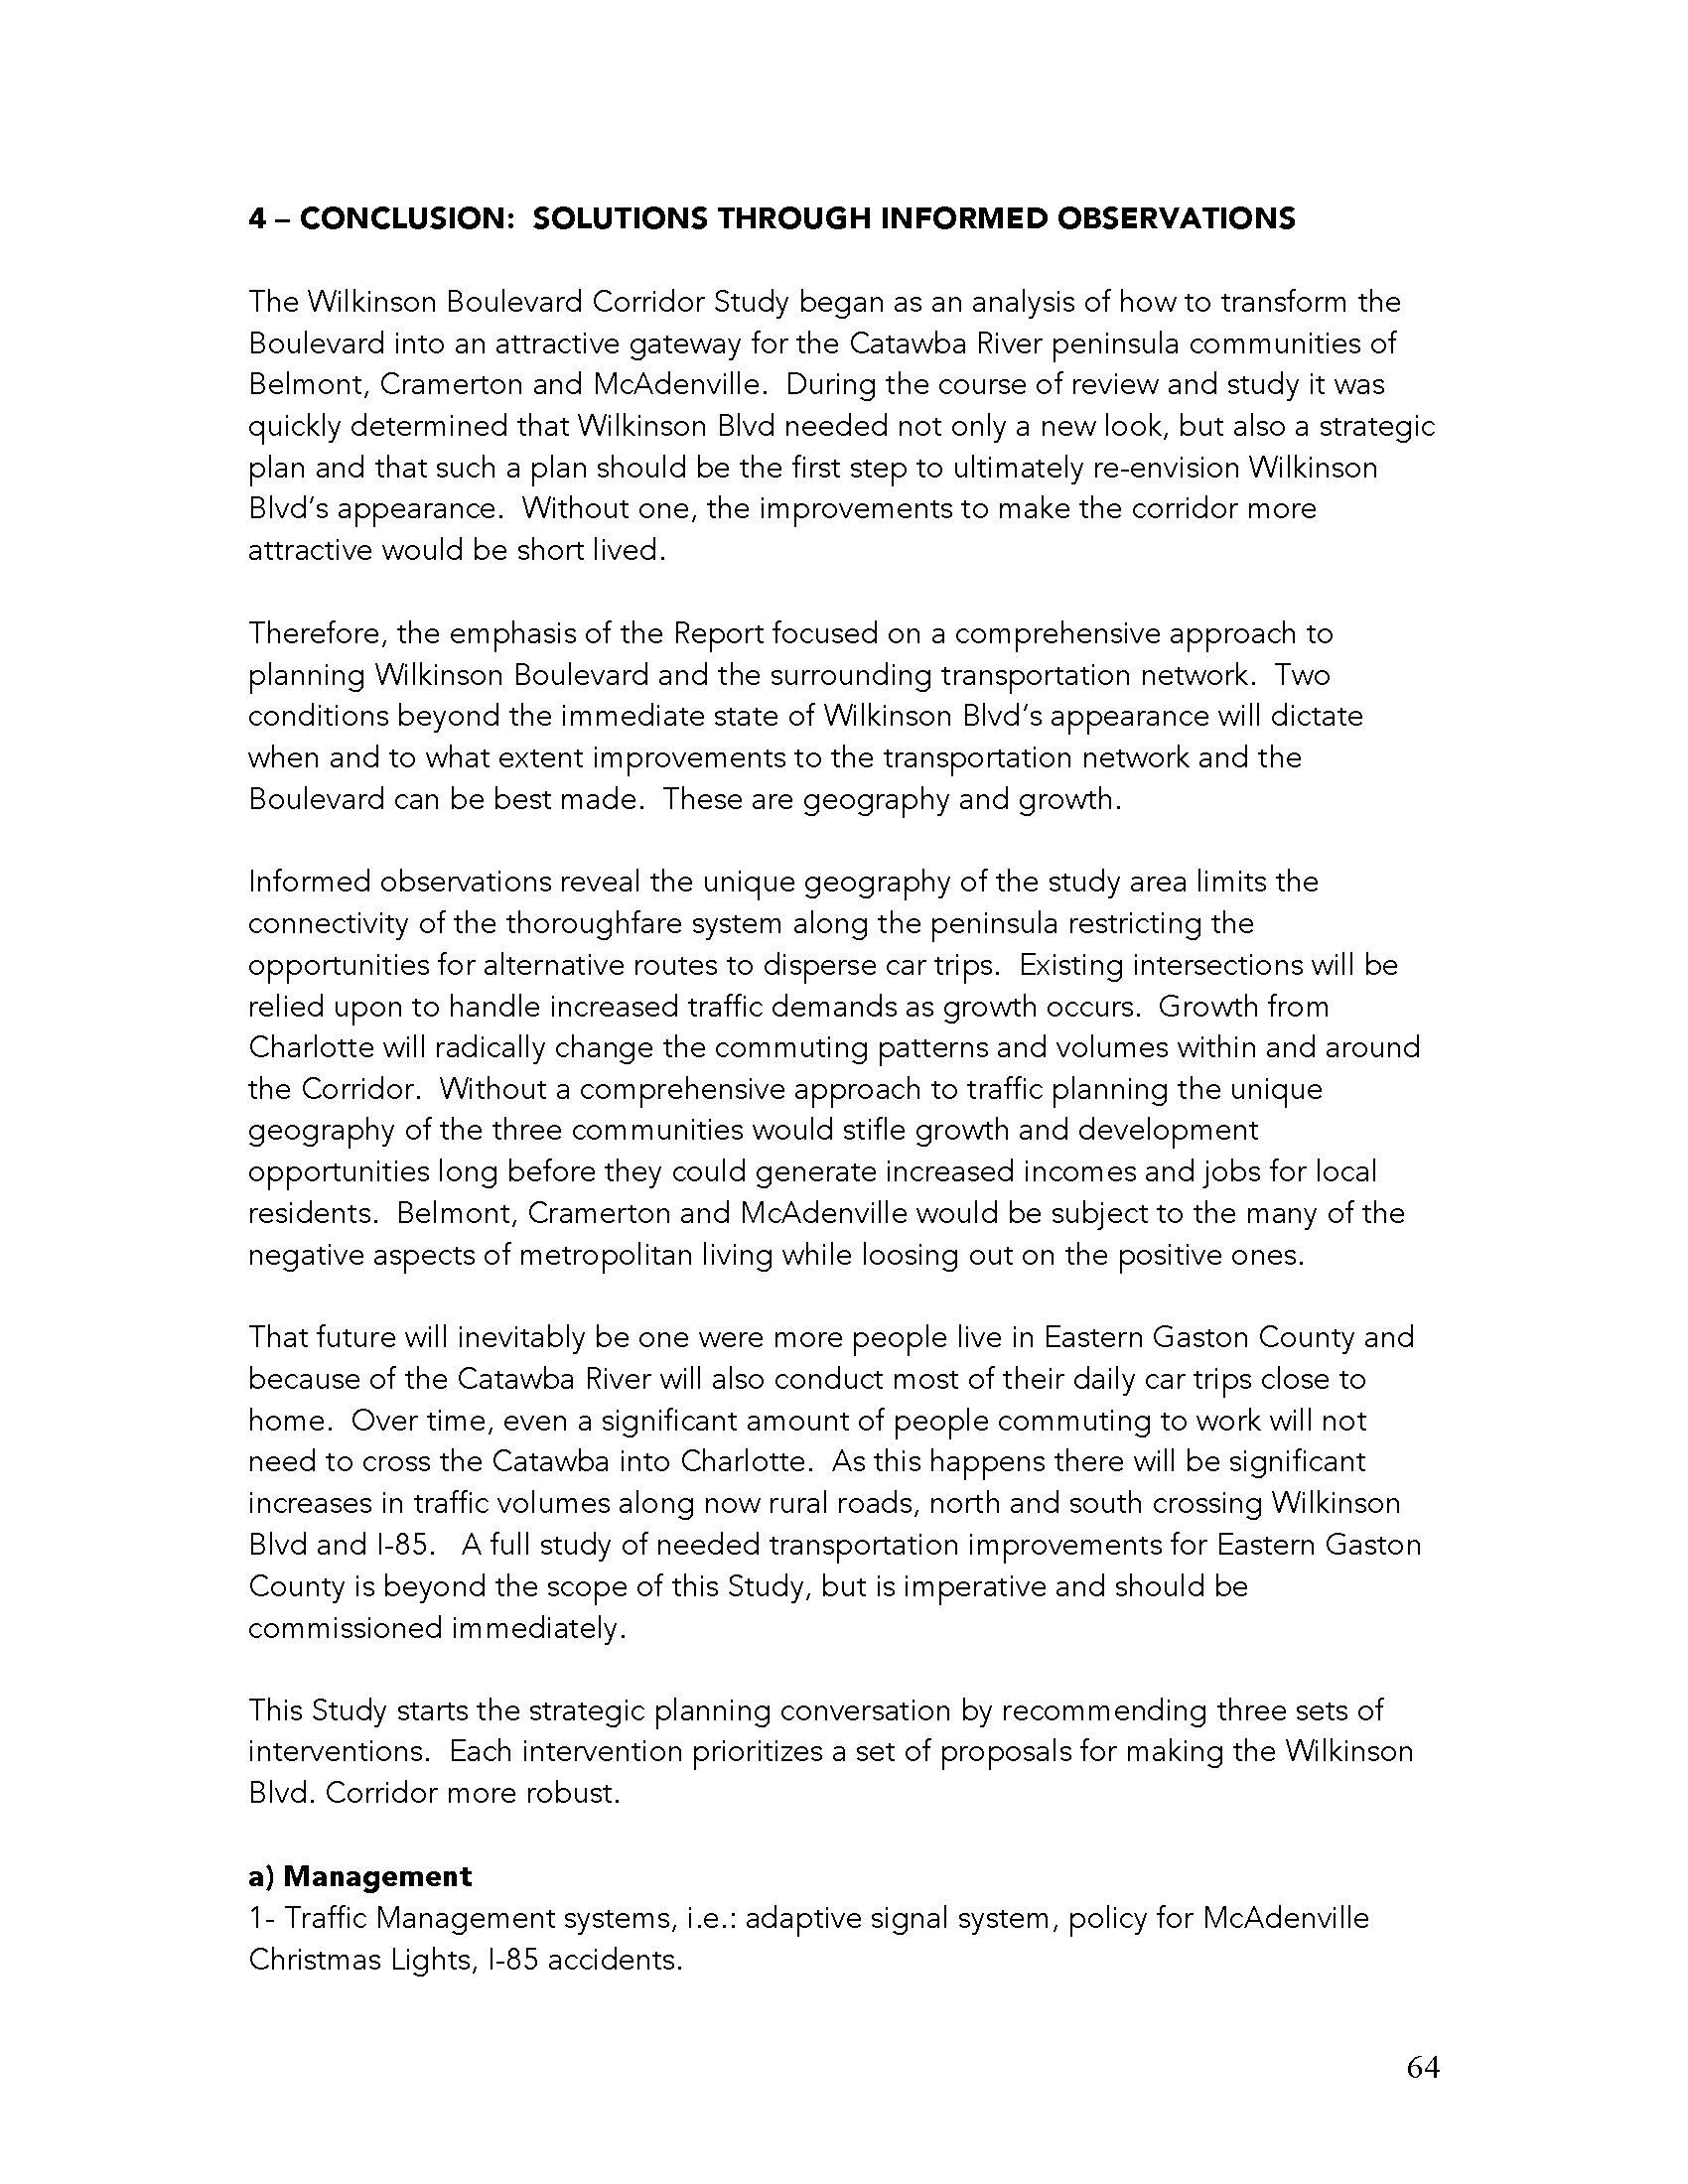 1 WilkinsonBlvd Draft Report 1-22-15 RH_Peter Edit_Page_64.jpg